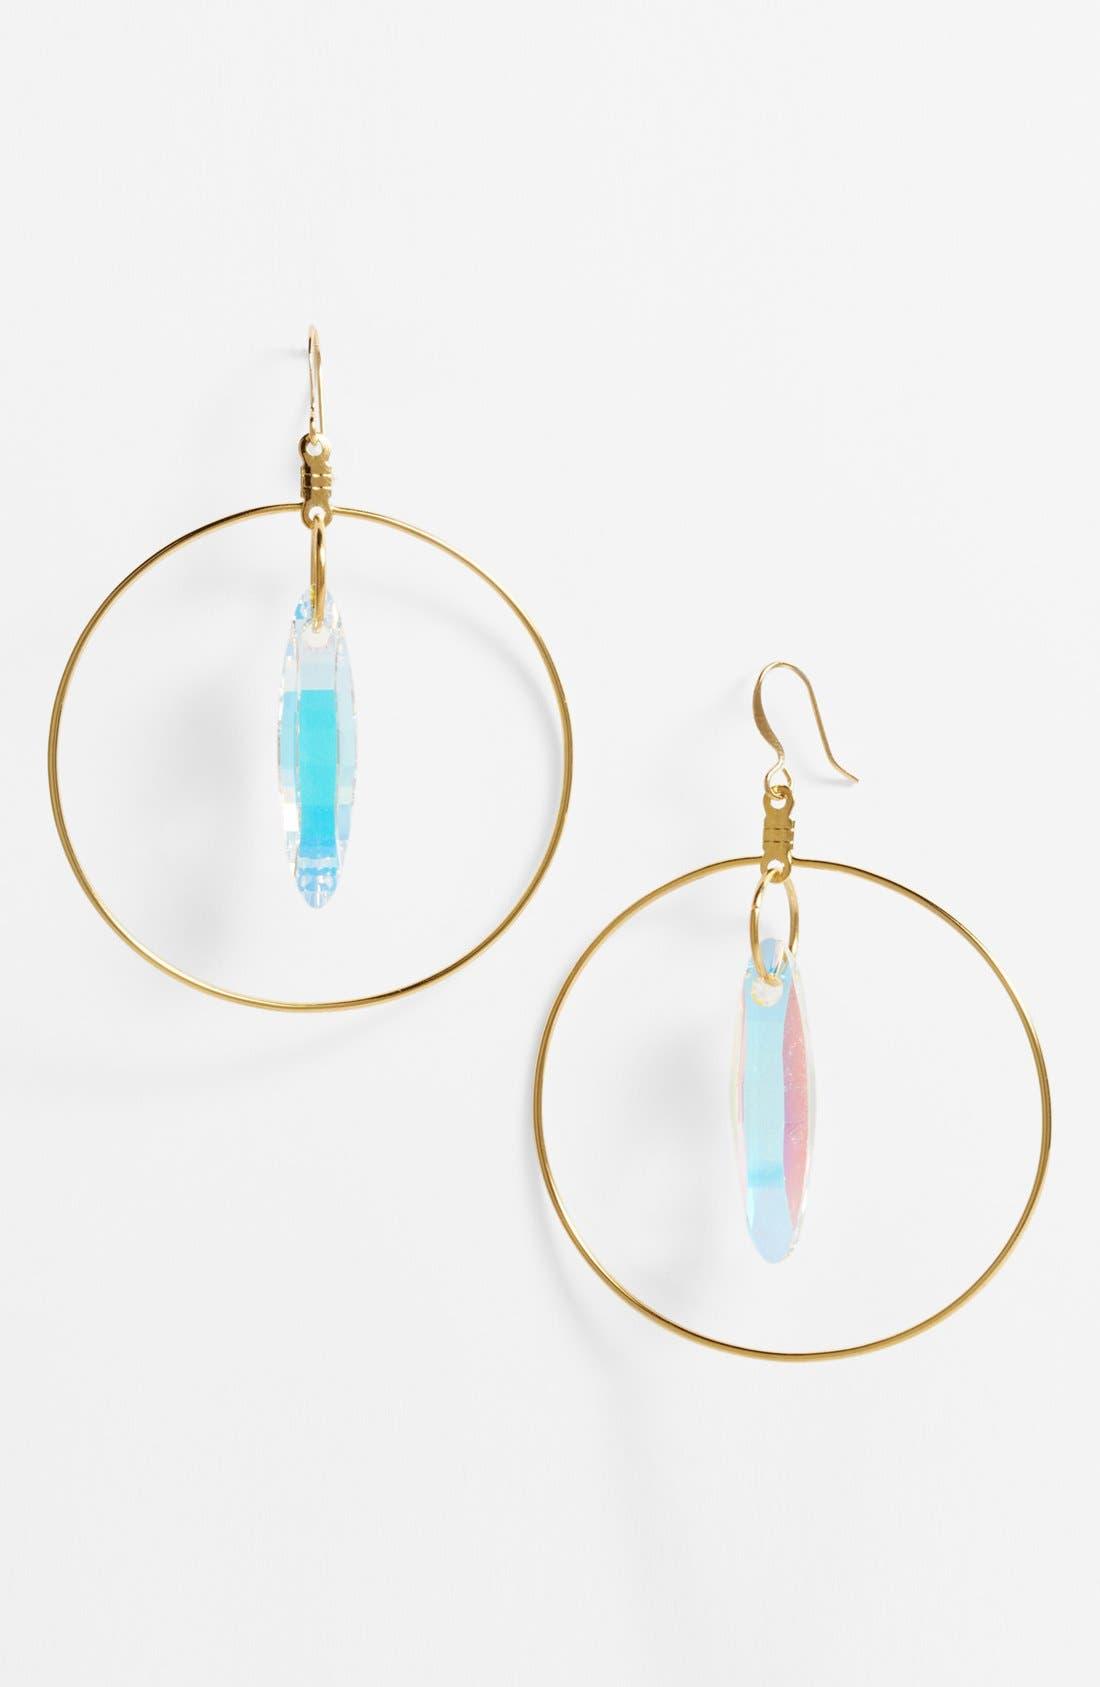 Alternate Image 1 Selected - Verdier Jewelry 'Aurora Borealis' Hoop Earrings